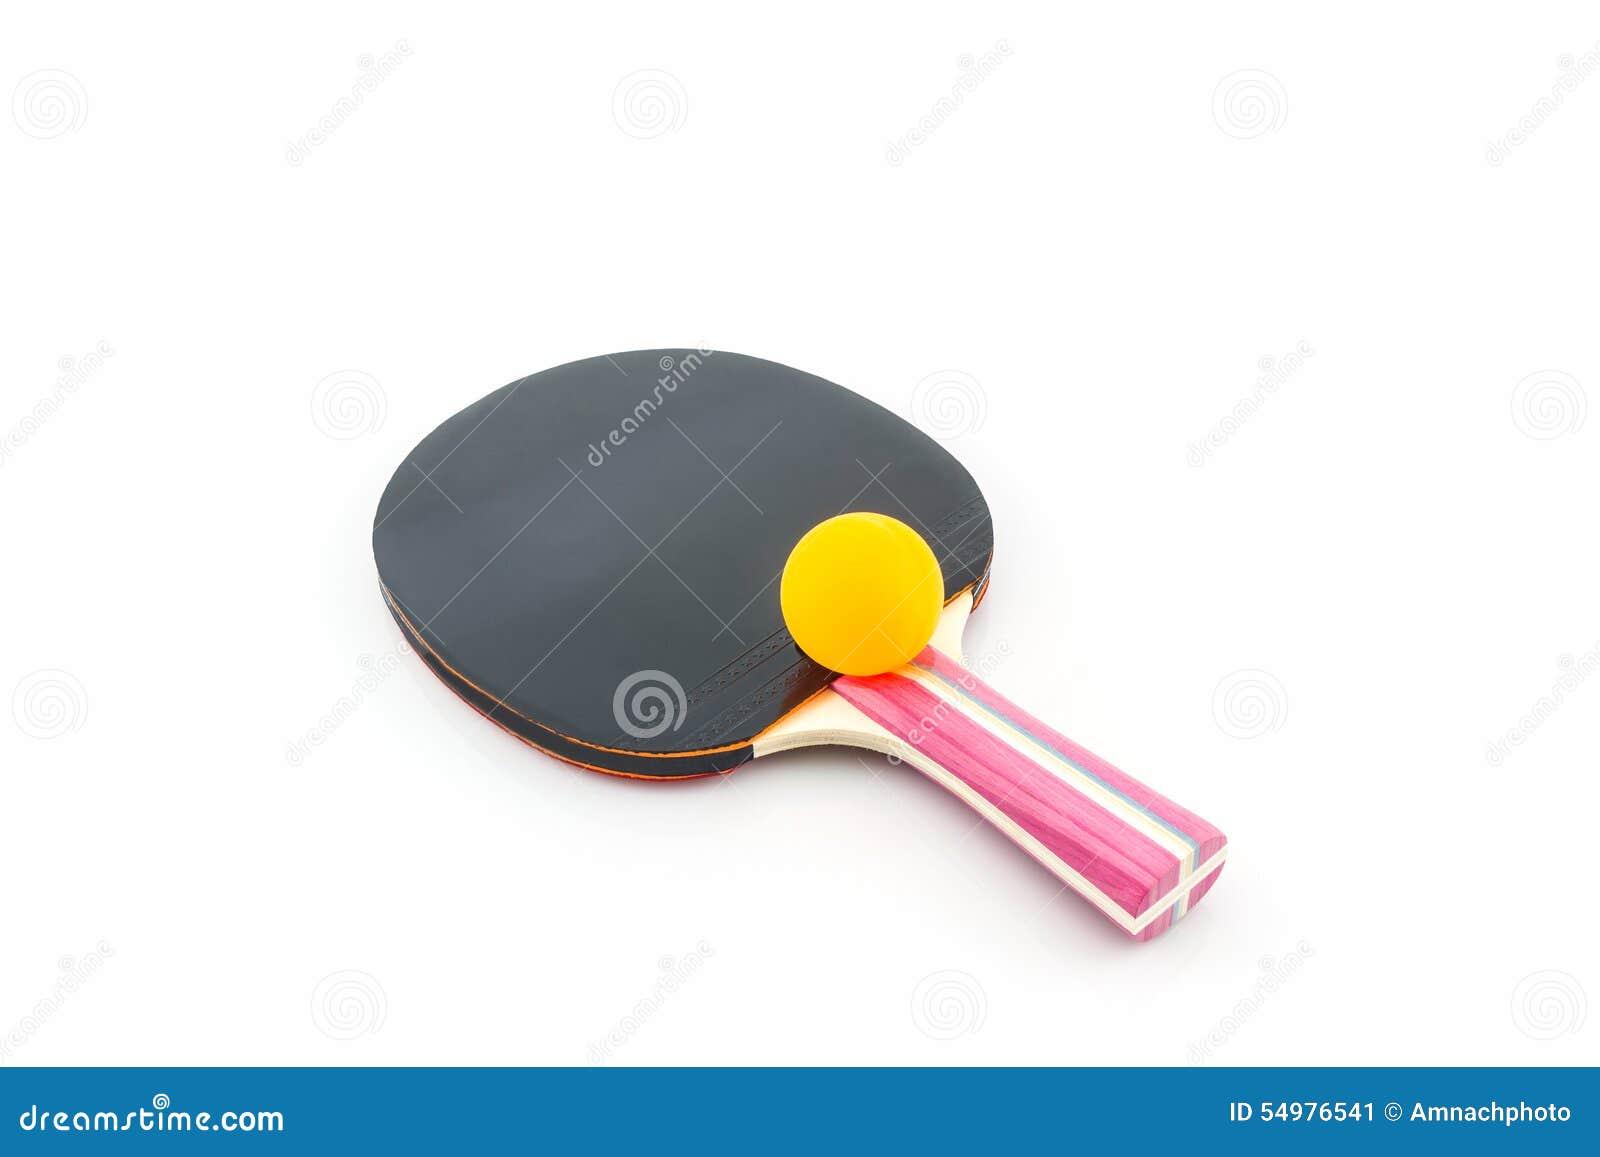 Ракетка настольного тенниса (пингпонга) и шарик